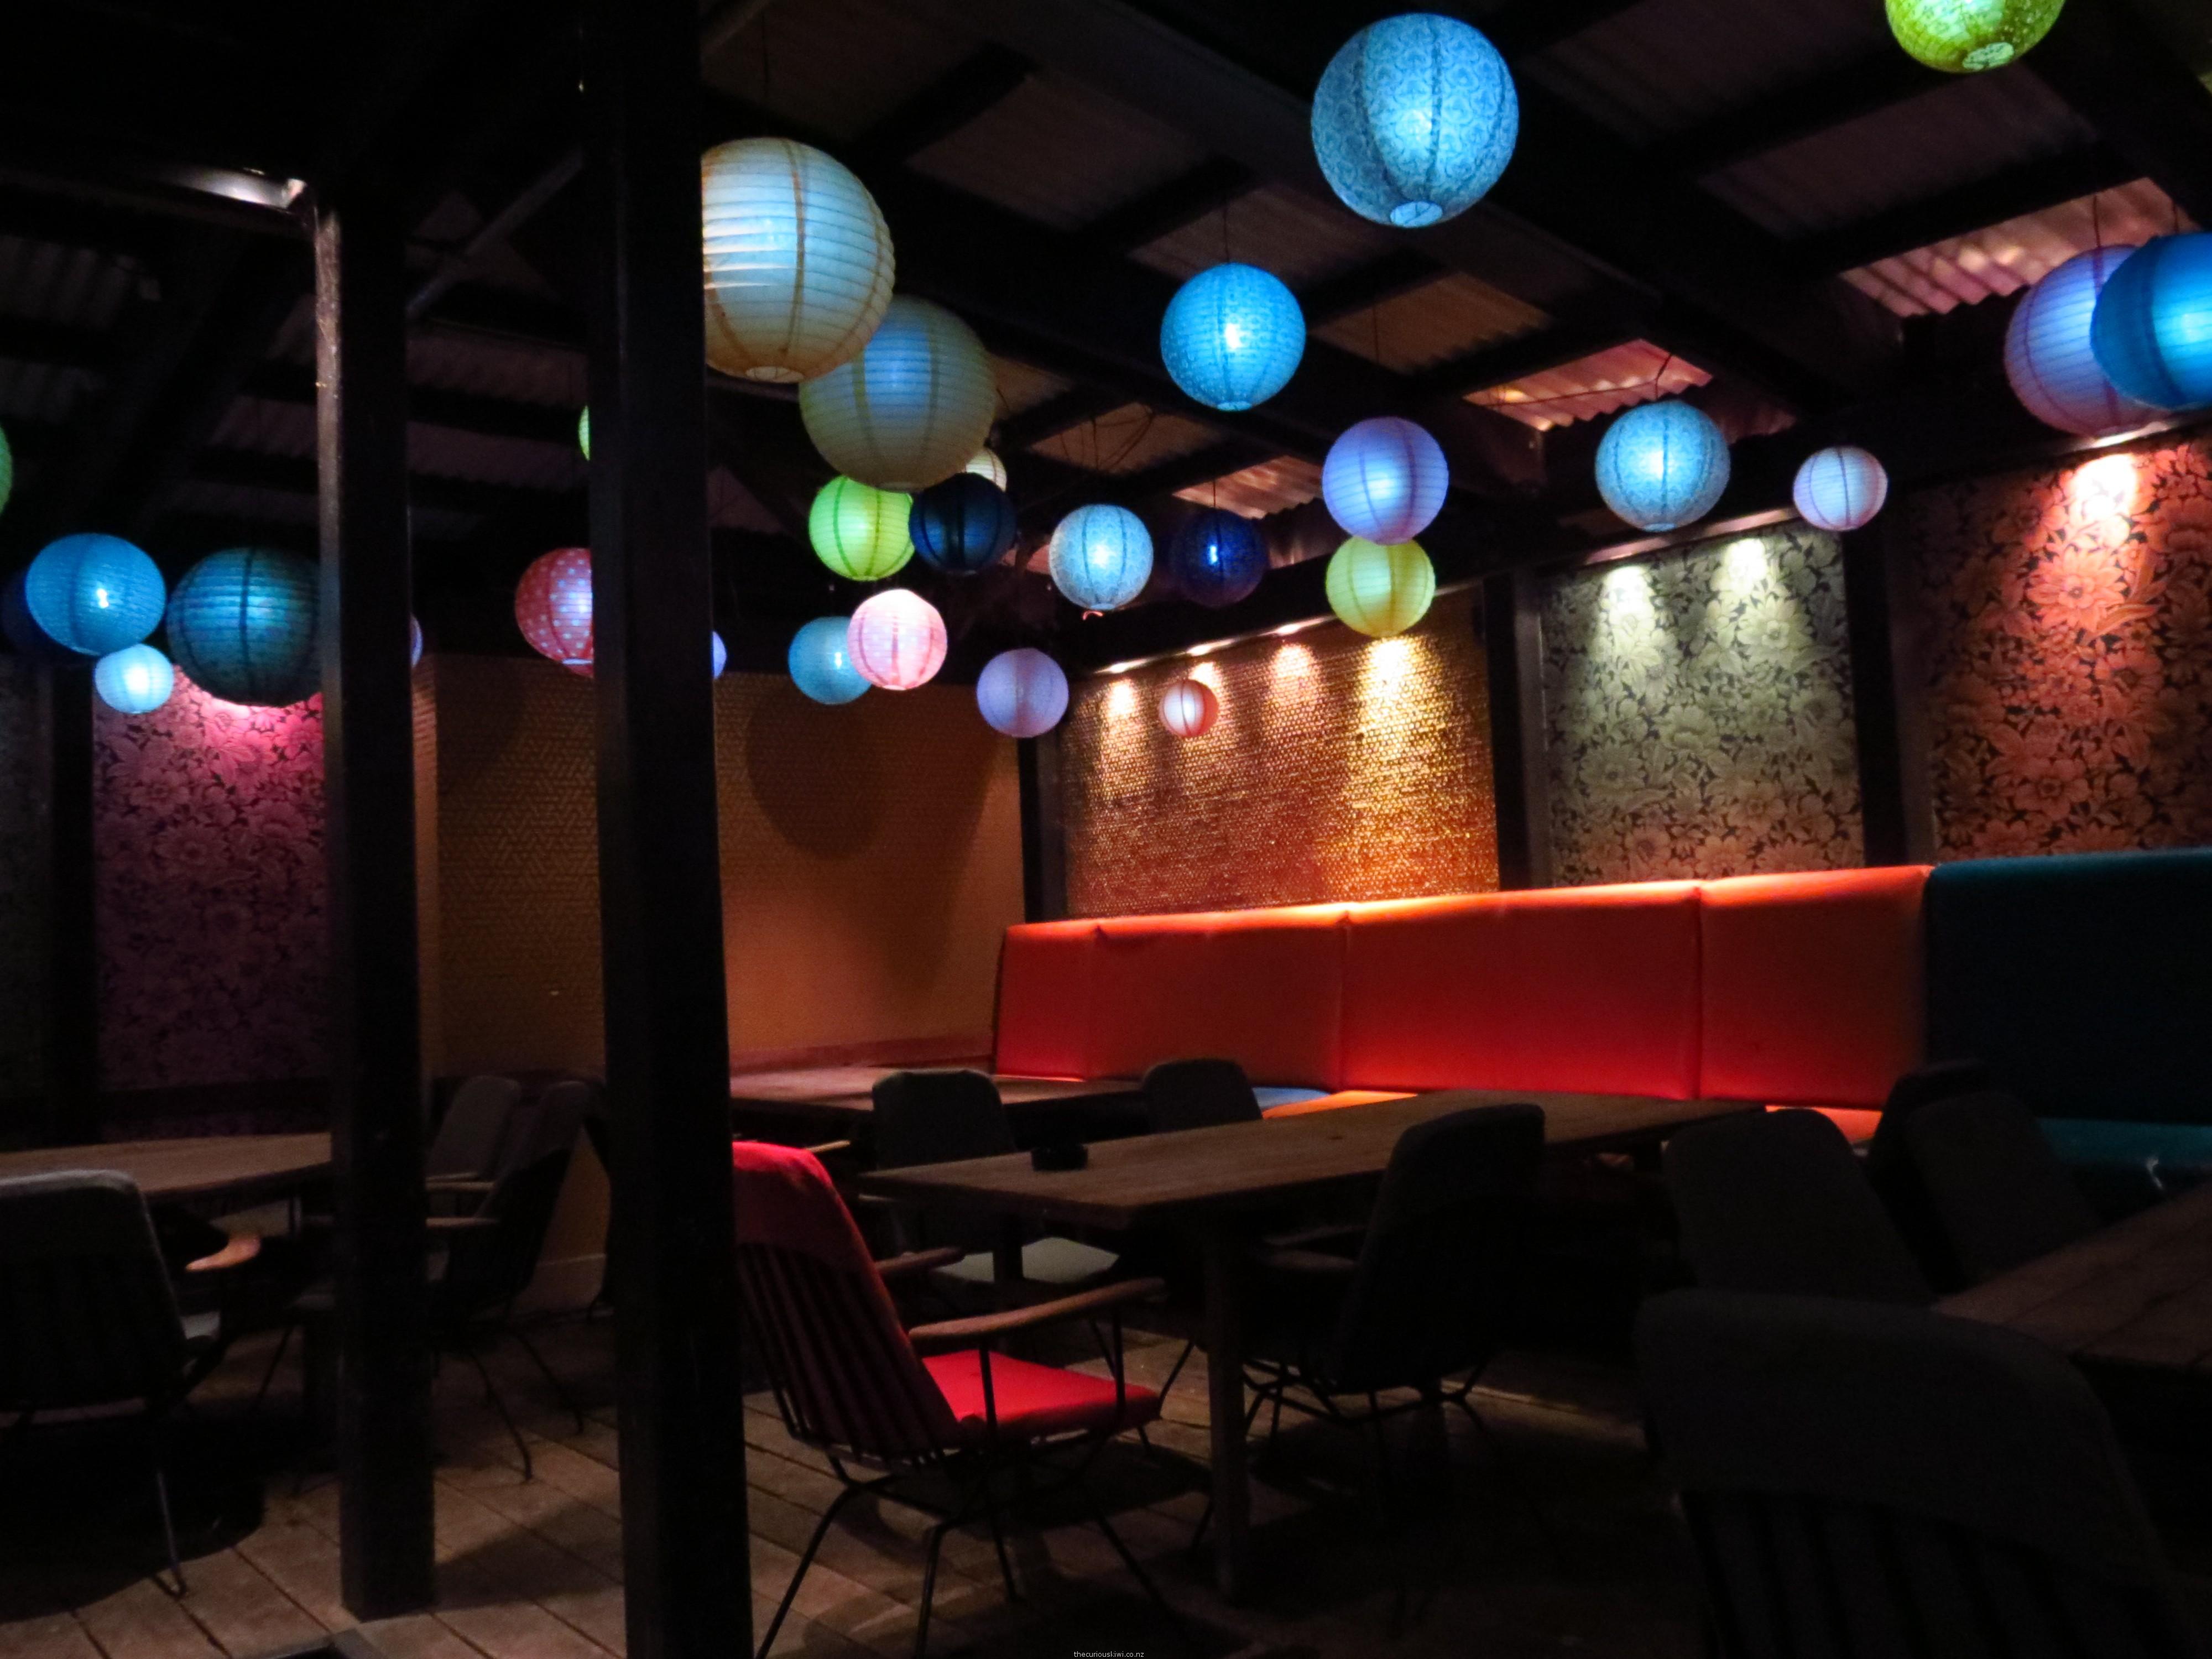 Sit under the lanterns in the garden bar